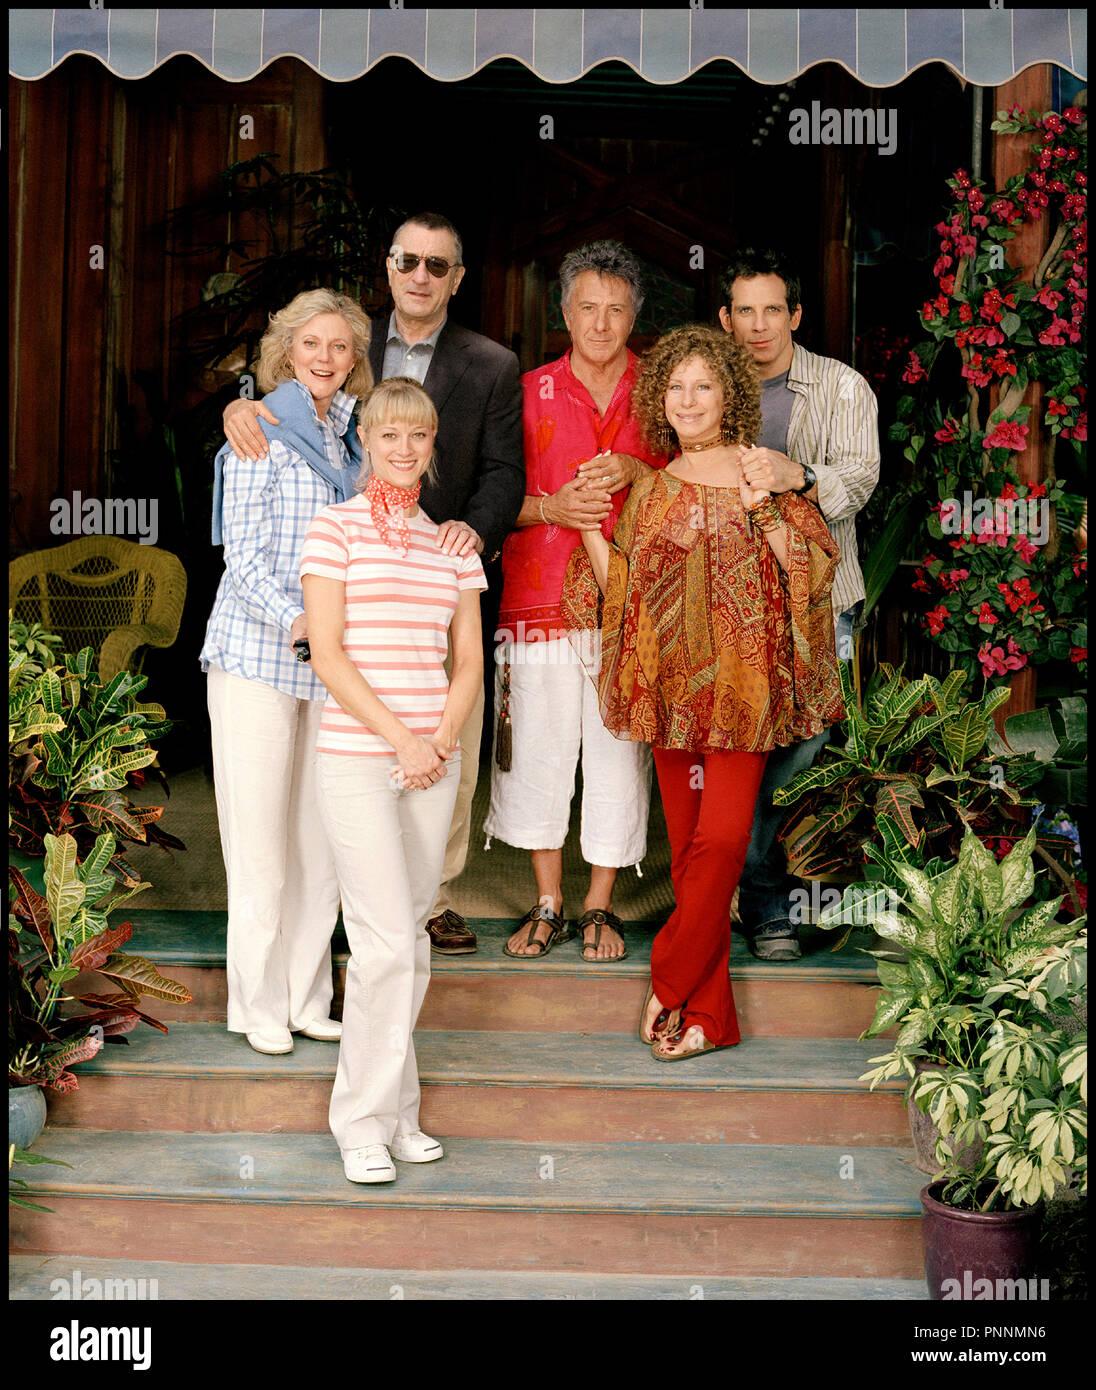 Prod DB © Universal Pictures - DreamWorks SKG / DR MON BEAU-PERE, MES PARENTS ET MOI (MEET THE FOCKERS) de Jay Roach 2004 USA avec Blythe Danner, Teri Polo, Robert De Niro, Dustin Hoffman, Barbra Streisand et Ben Stiller sequelle, belle-famille autres titres: Meet the Fokkers (USA) (working title) Meet the Parents 2 (USA) (working title) mon beau-pere mes parents et moi (FRA sans ponctuation) - Stock Image